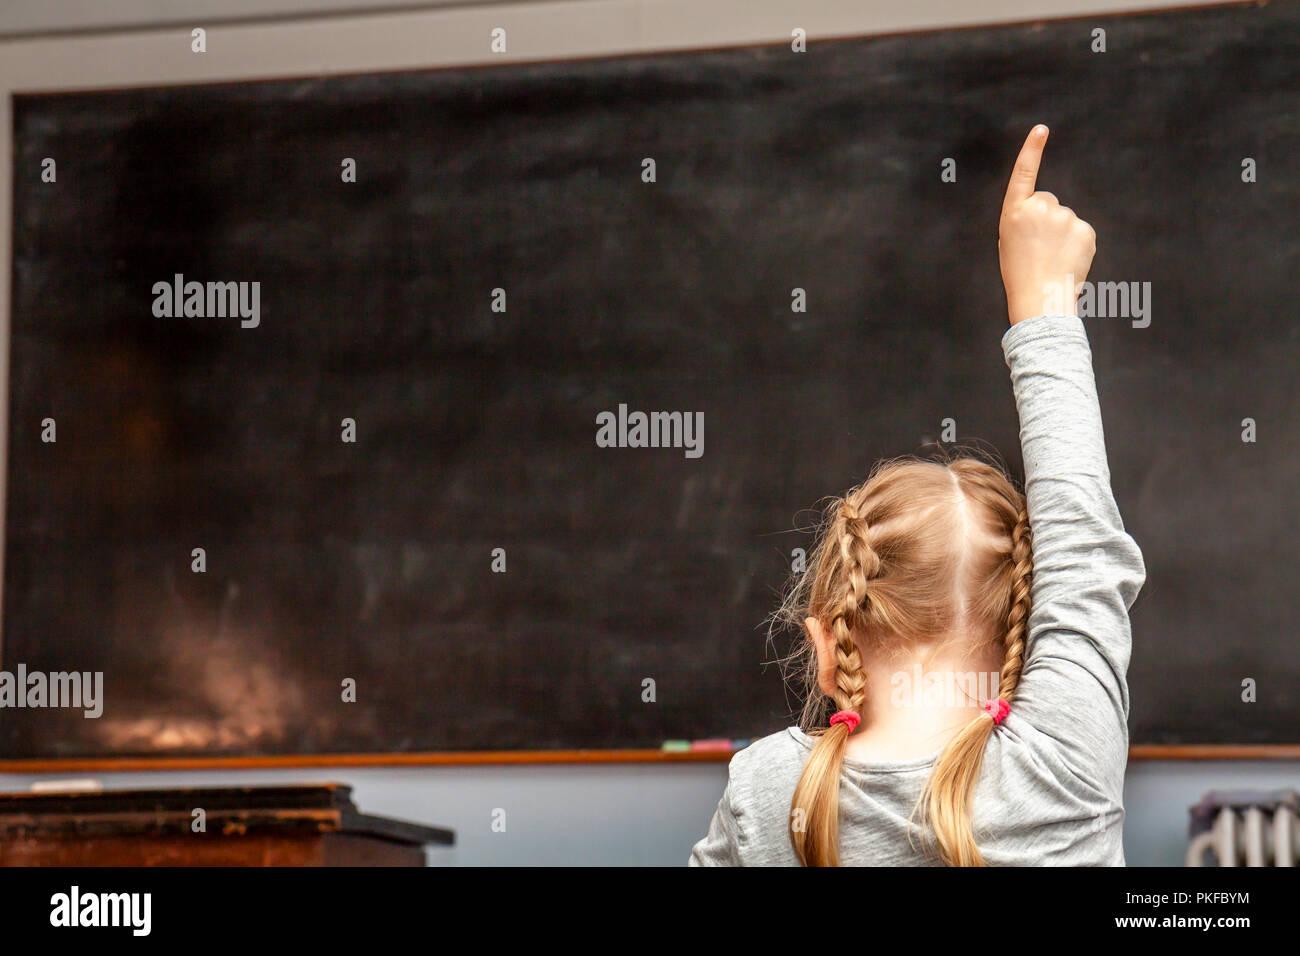 Concepto de educación primaria pública con la joven levantando su mano en el aula. Imagen De Stock